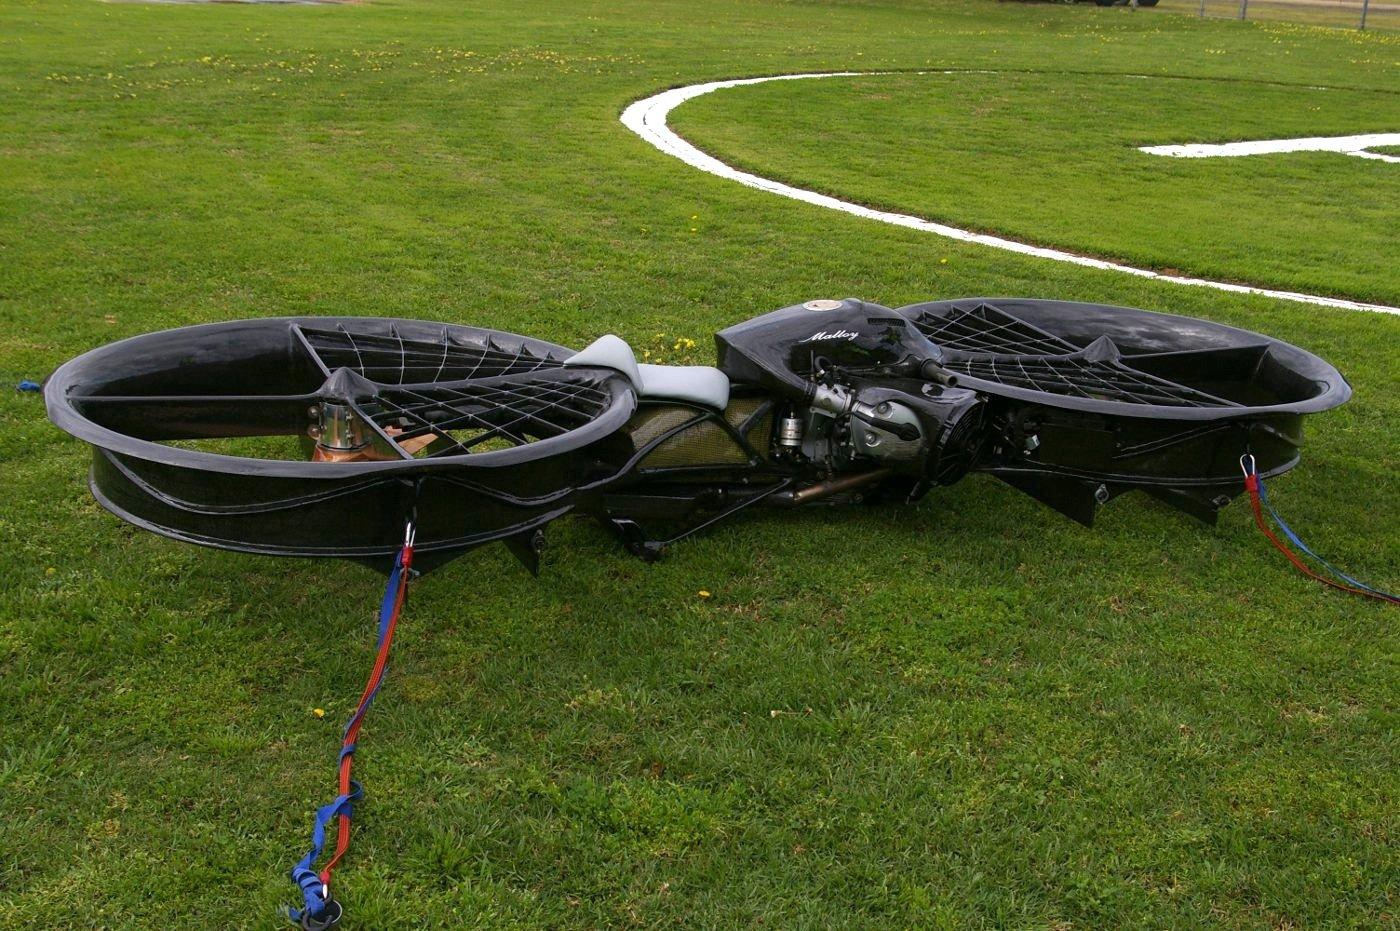 Das Hoverbike verfügt über zwei Mantelrotoren, die besonders gut vor Beschädigungen geschützt sind. In Vorbereitung ist eine Version mit vier Rotoren.